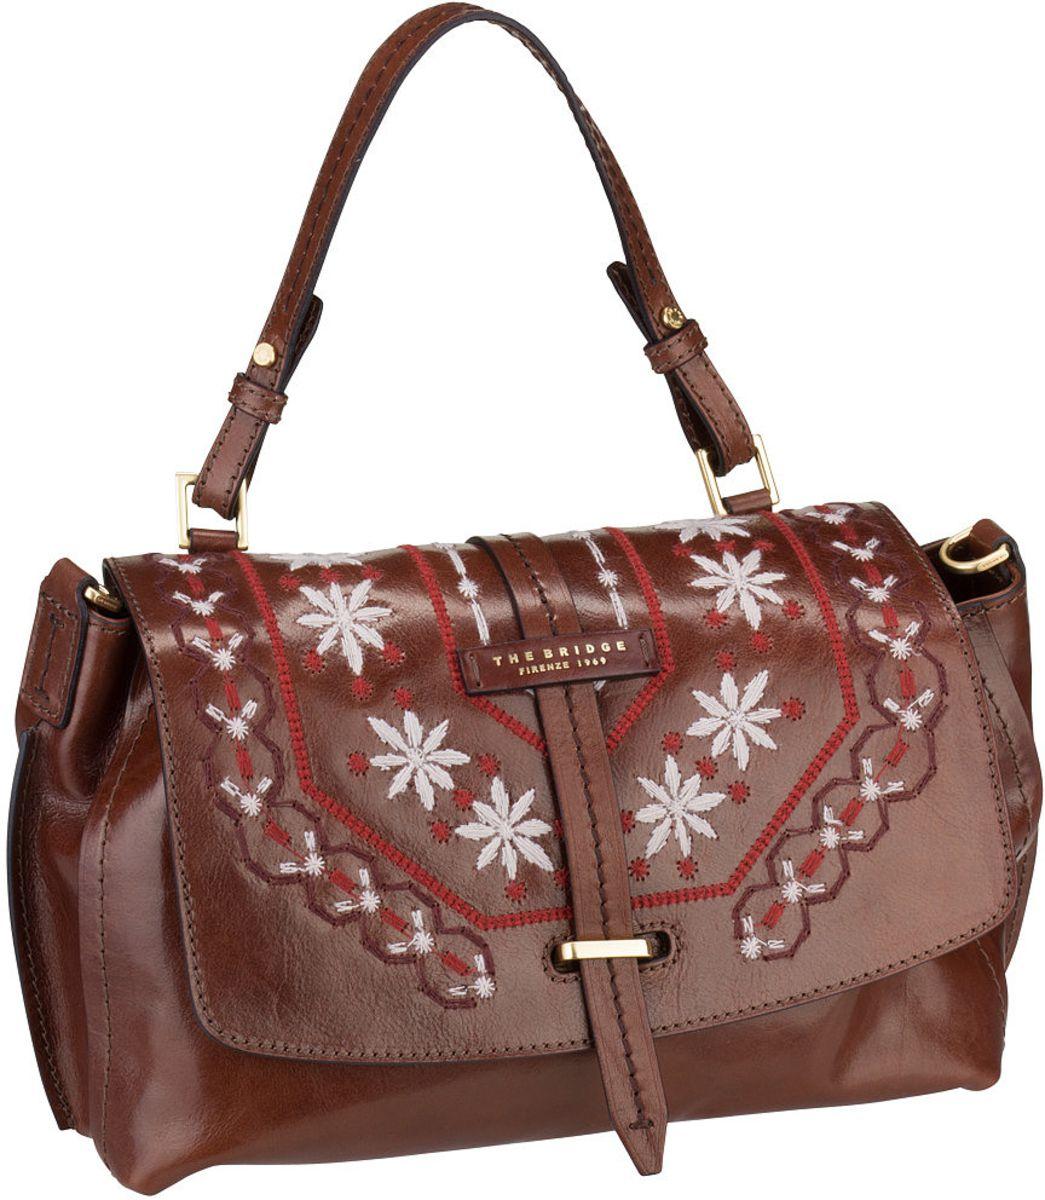 Handtasche Fiesole Handtasche 3407 Marrone/Oro